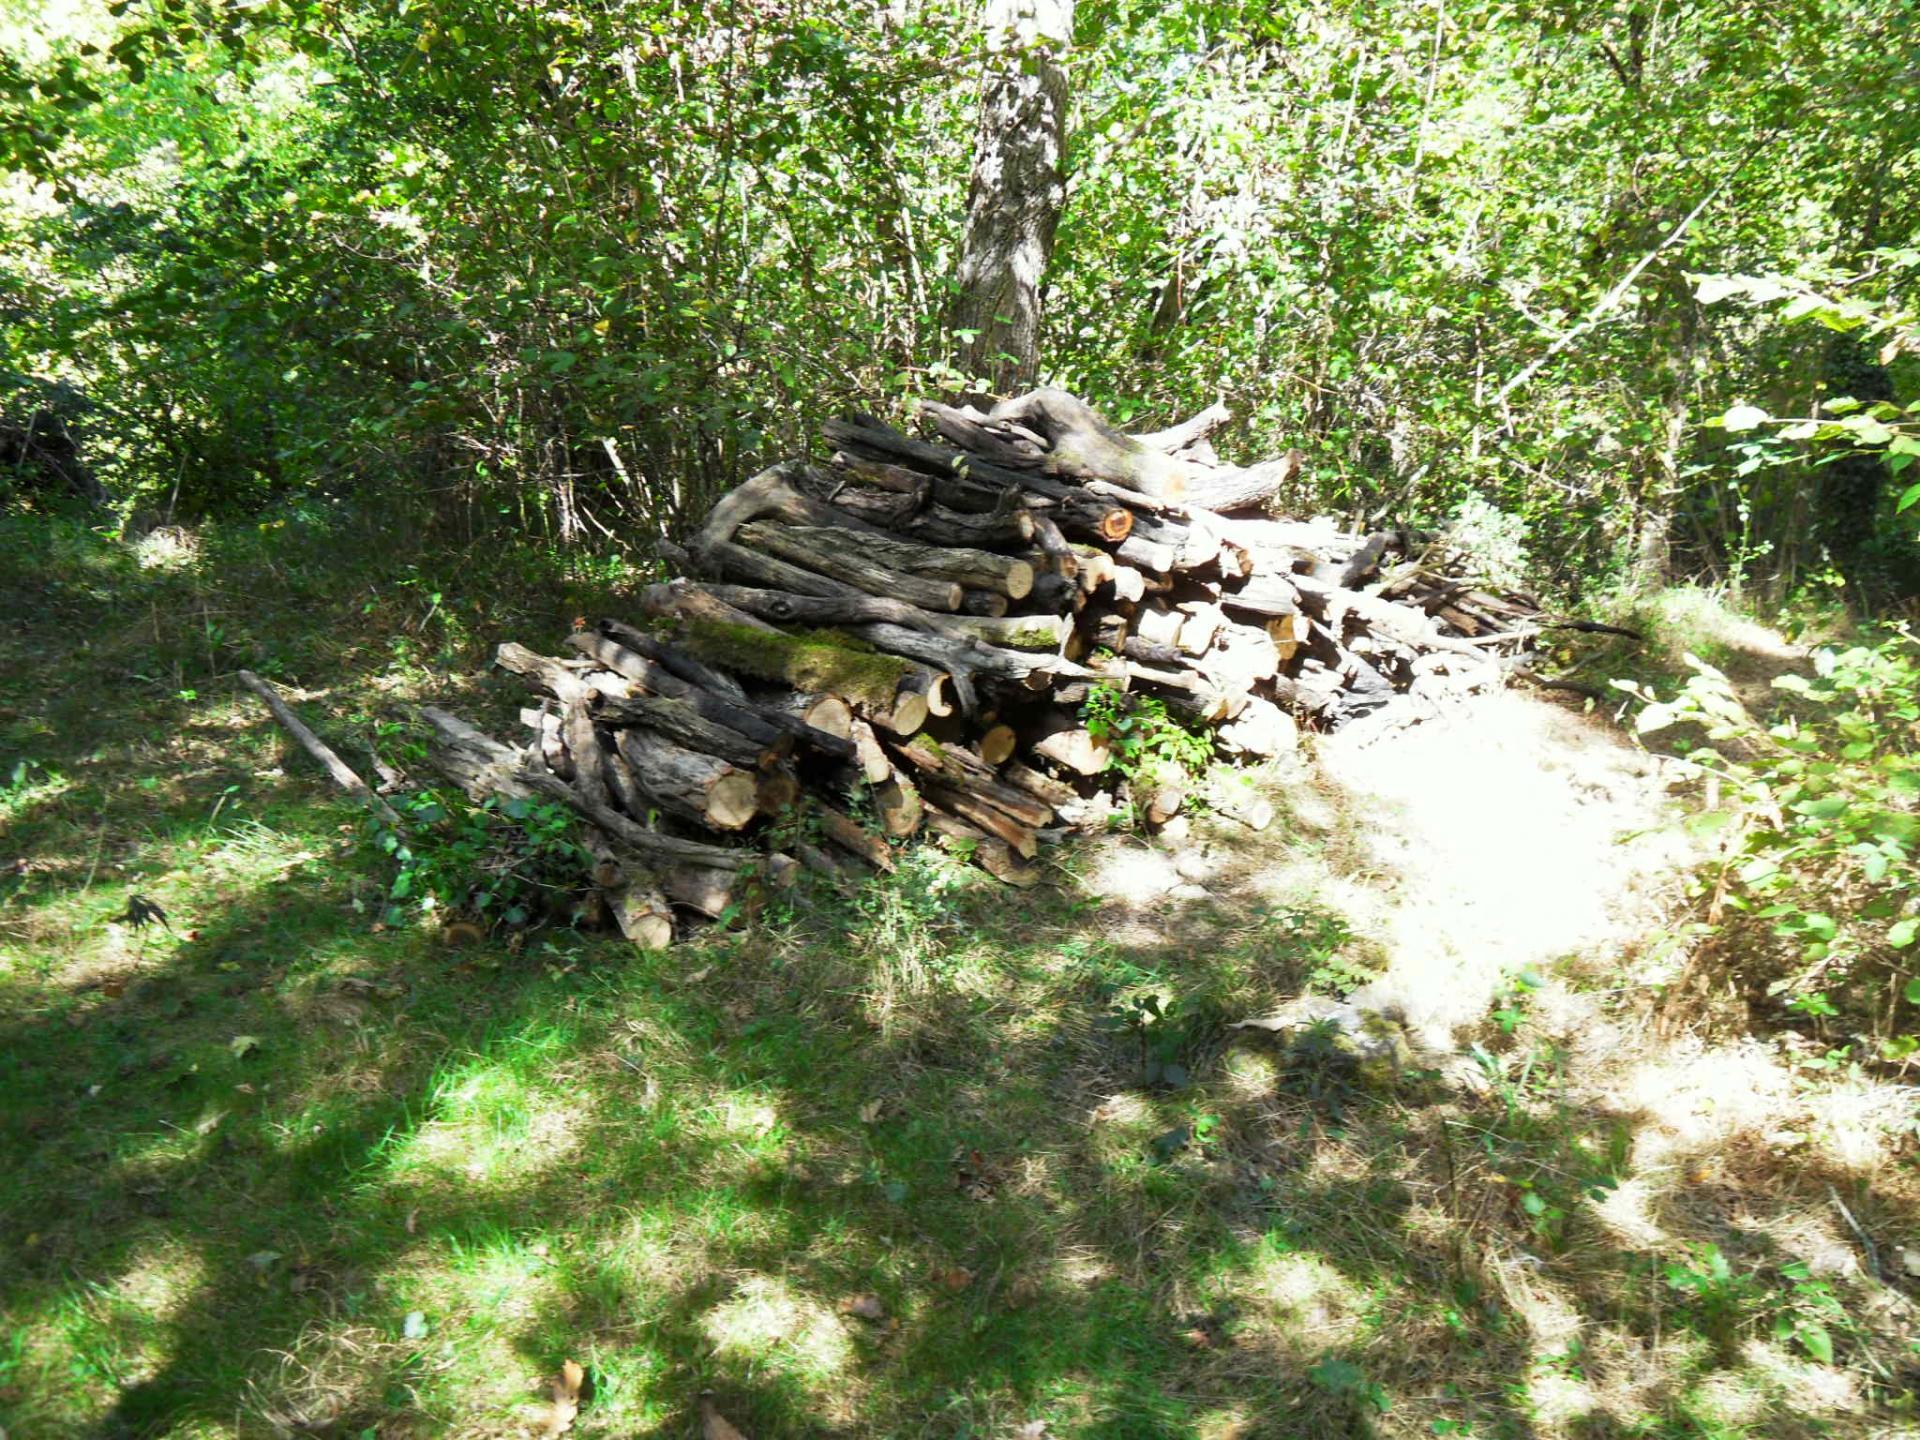 Aperçu d'une partie du bois sorti